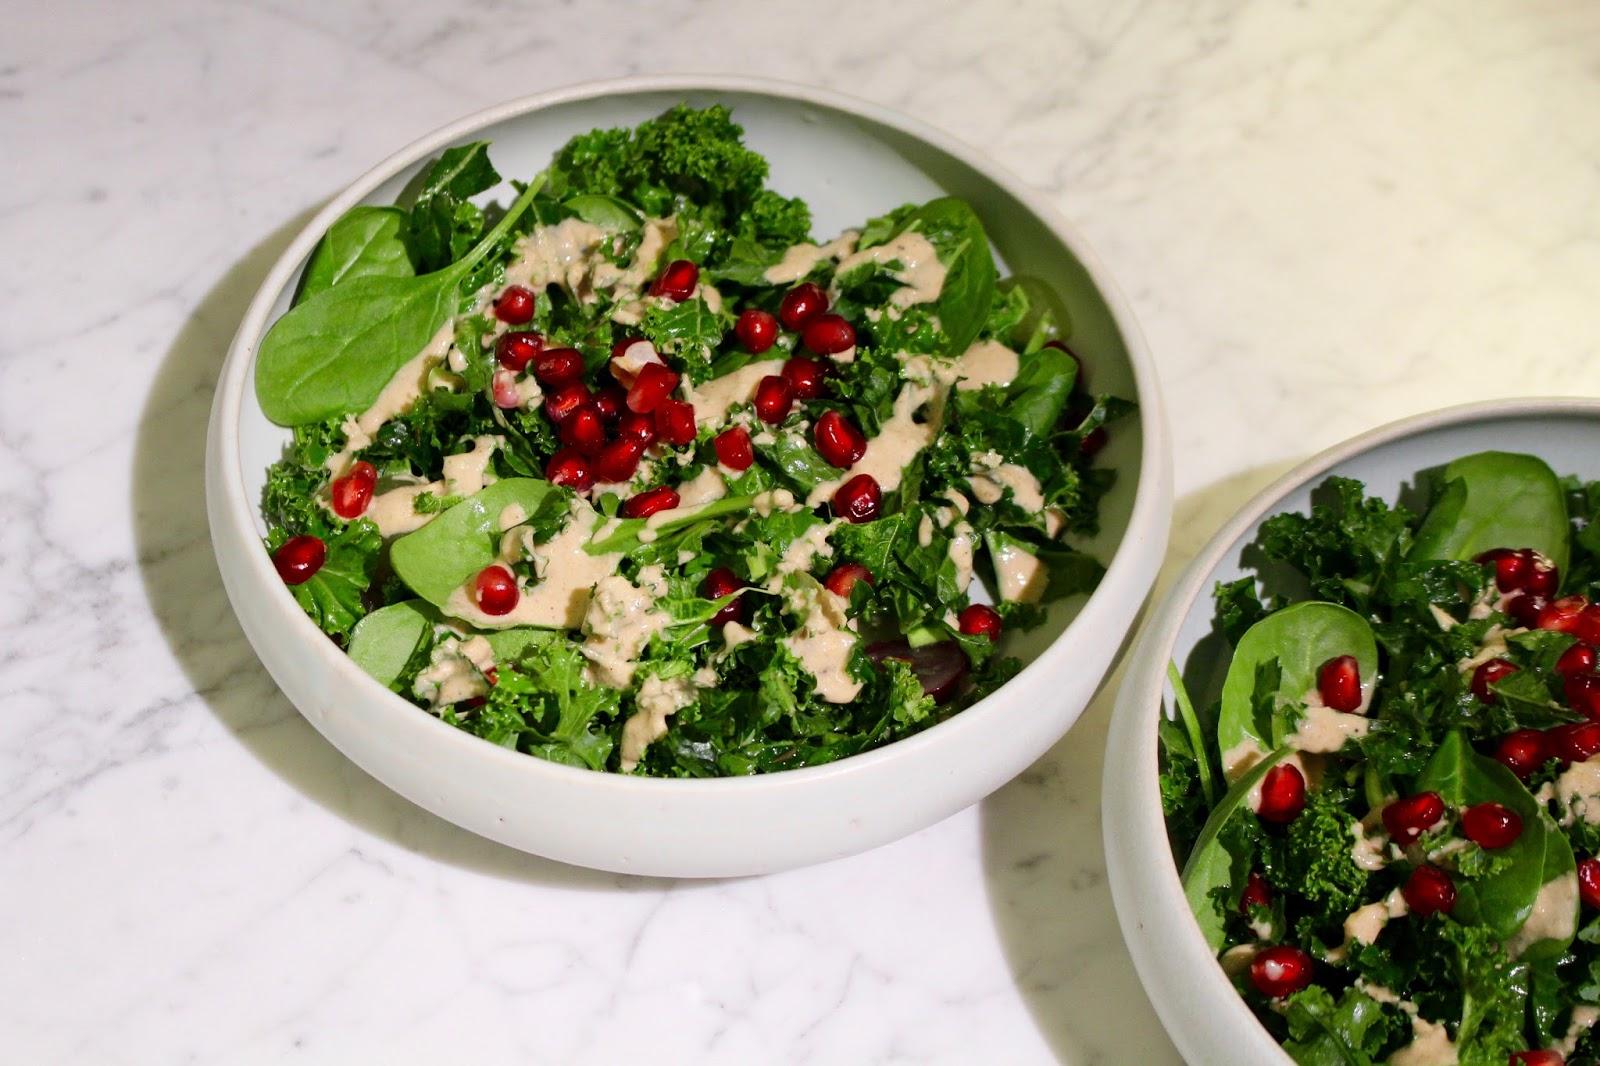 Vegan plant-based Christmas meal